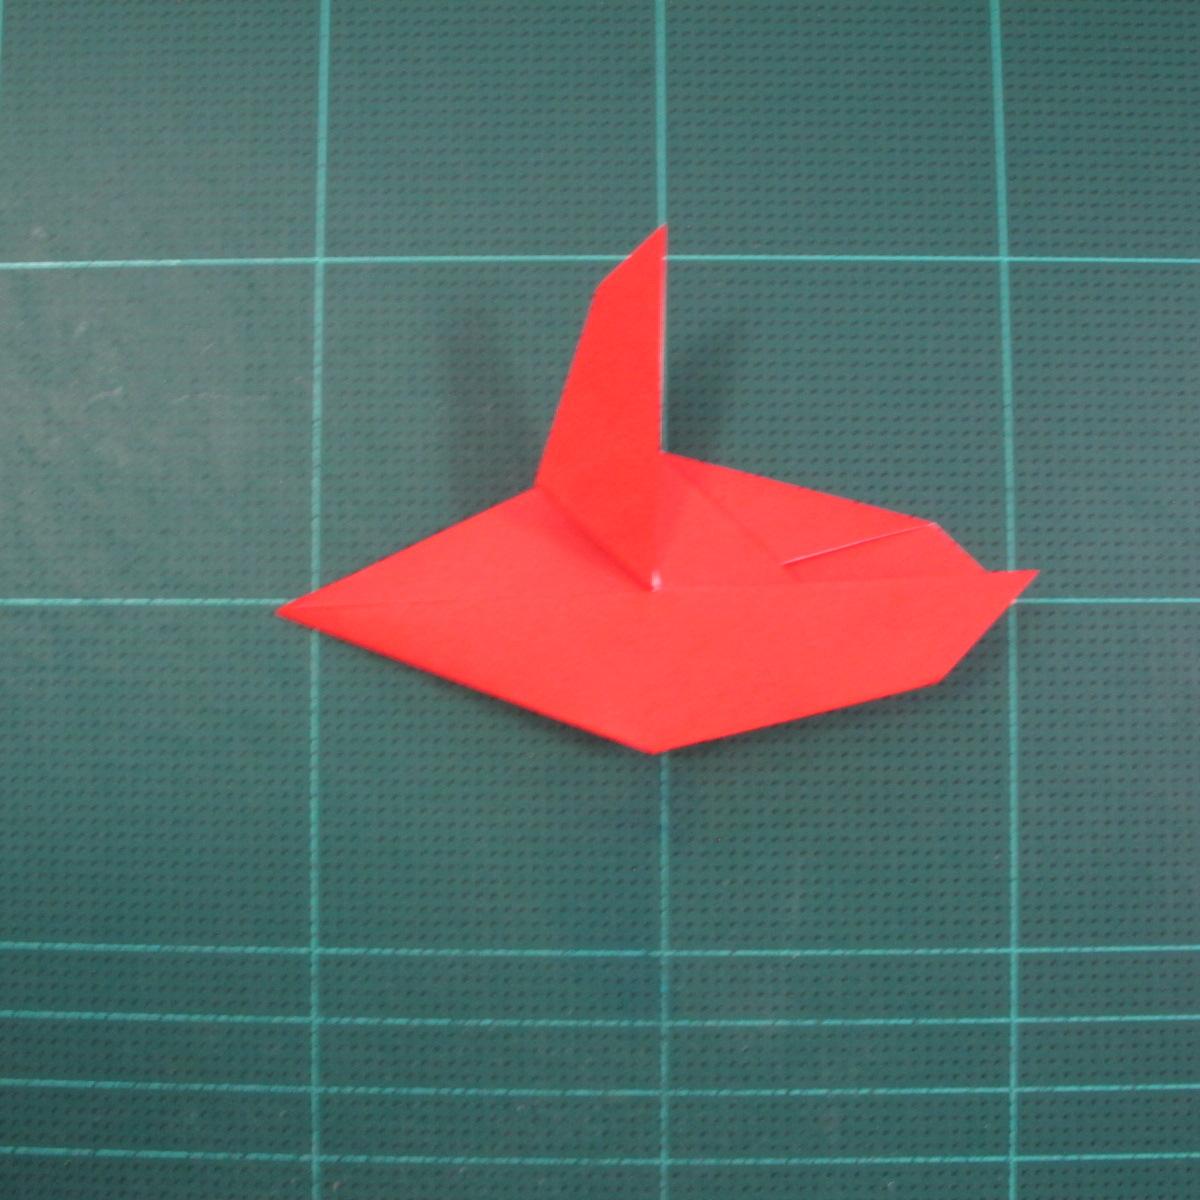 วิธีพับกระดาษเป็นรูปแมลงปอ (Origami Dragonfly) 013